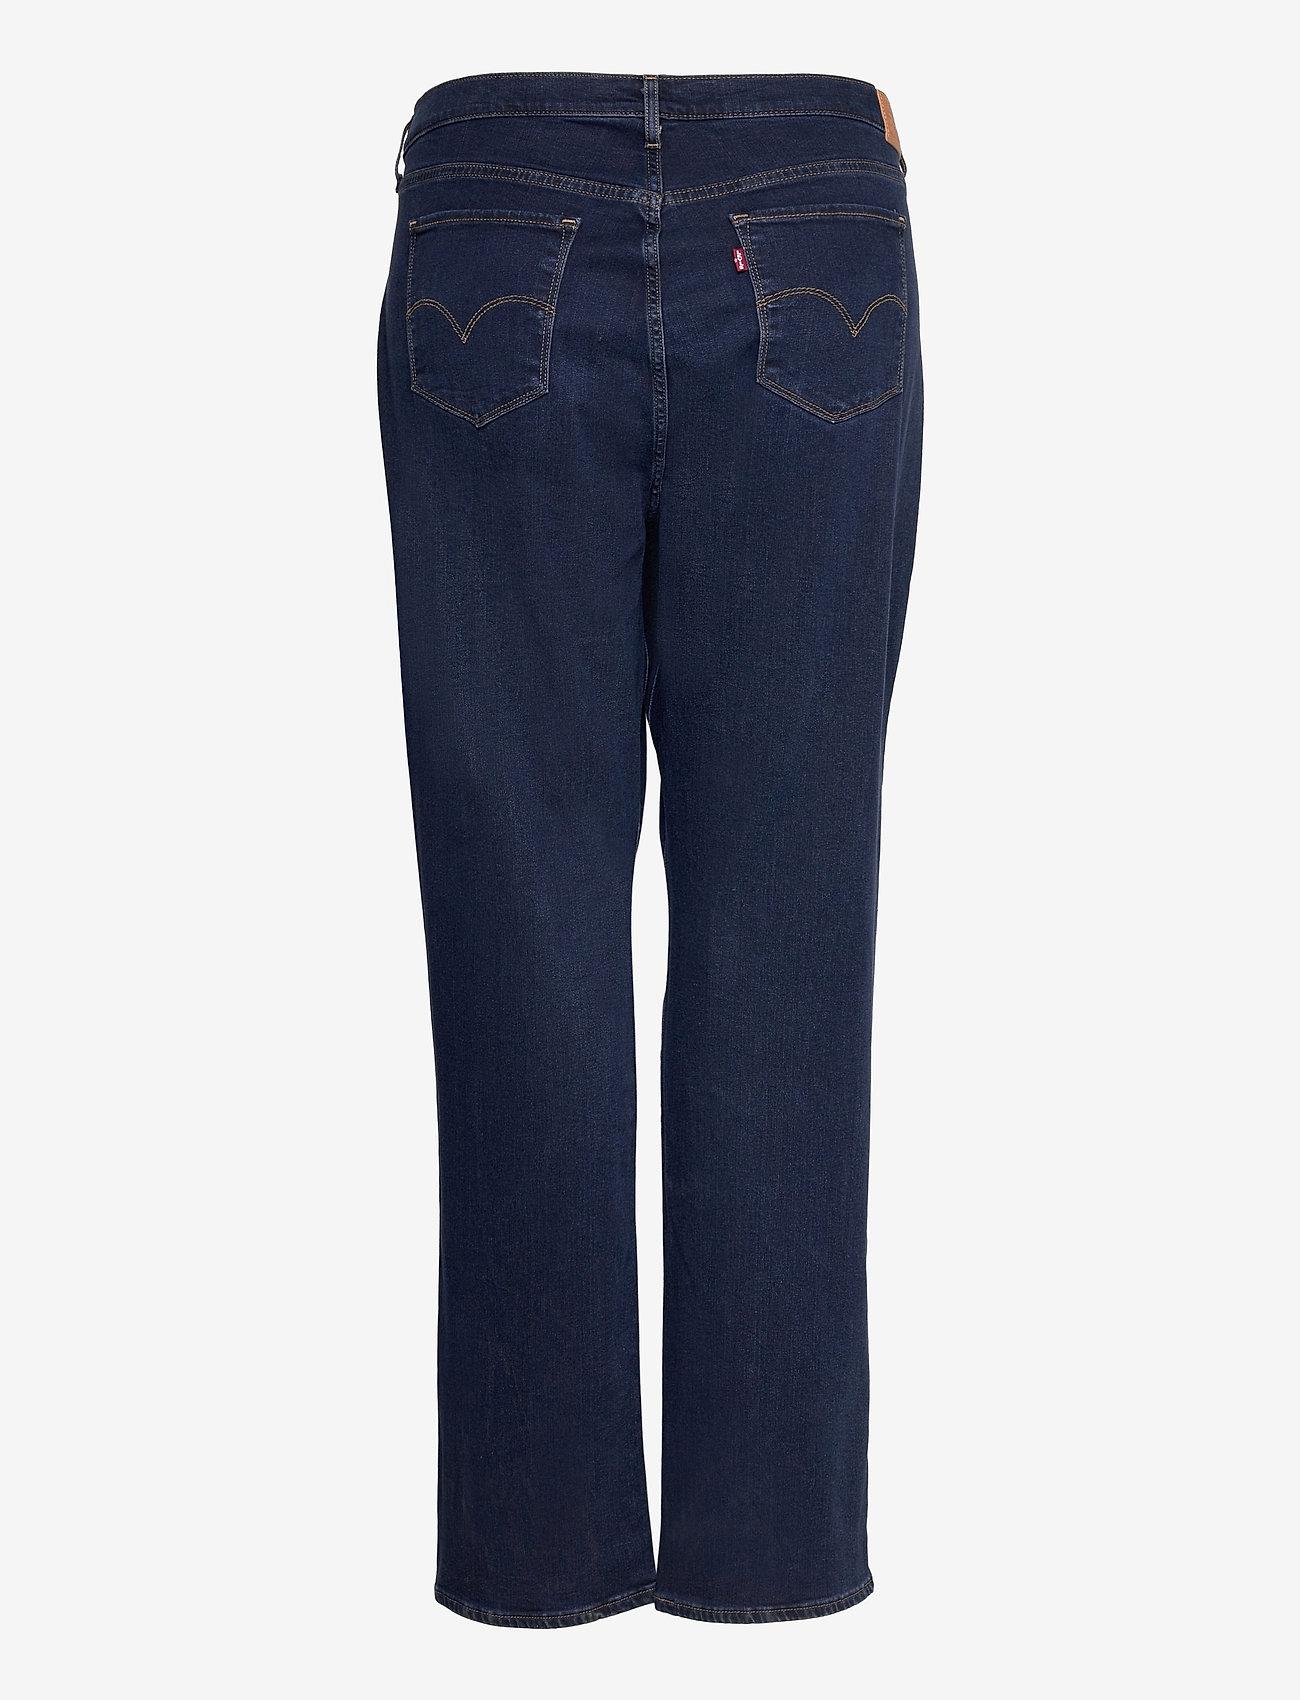 Levi's Plus Size - 724 PL HR STRAIGHT BOGOTA SASS - straight jeans - dark indigo - worn in - 1